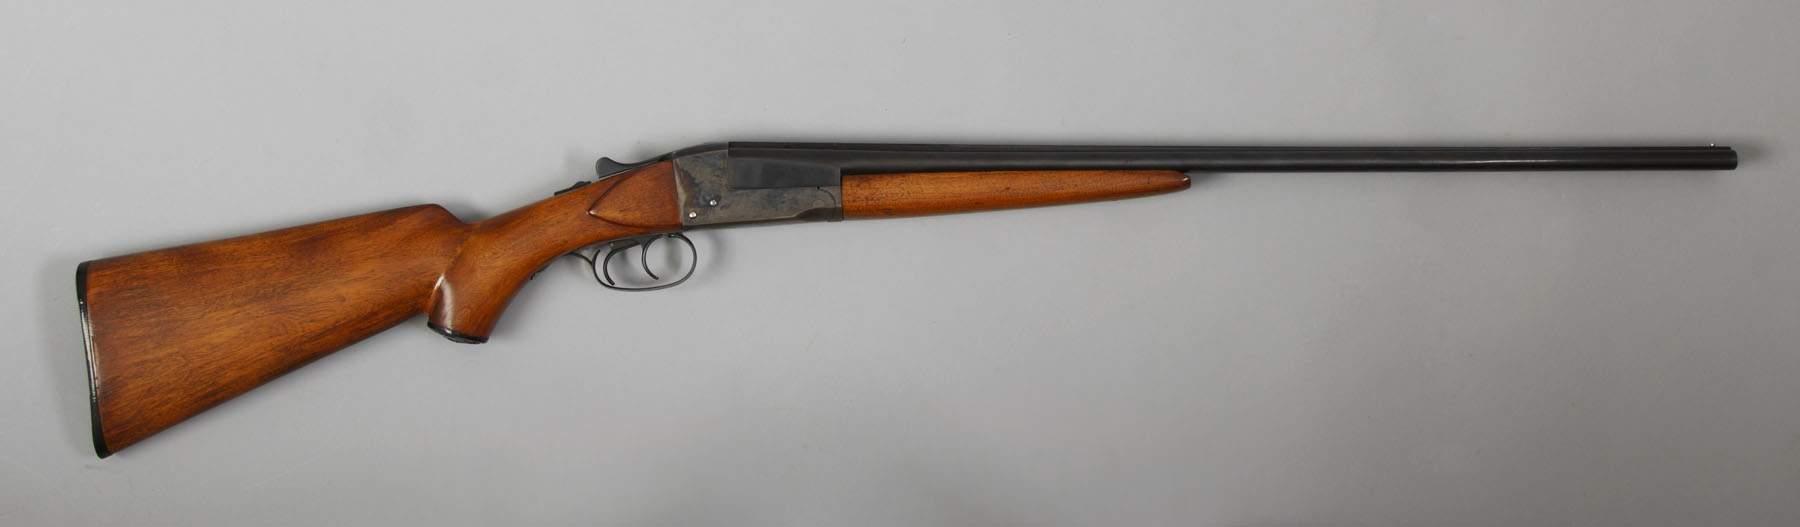 Stevens Model 311 Double Barrel 410 Shotgun | Cottone Auctions